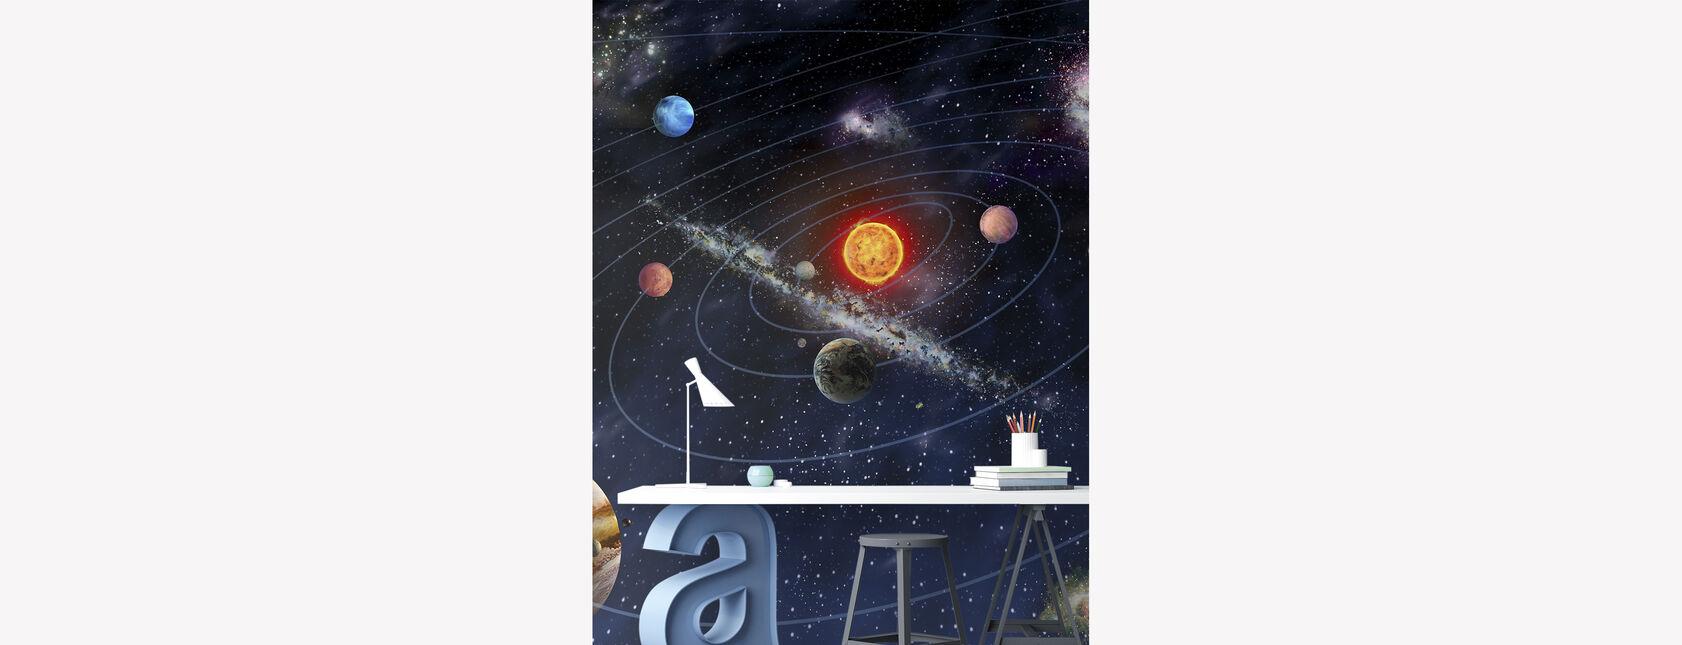 Astronomie Espace Décorations Murales Tendance Photowall